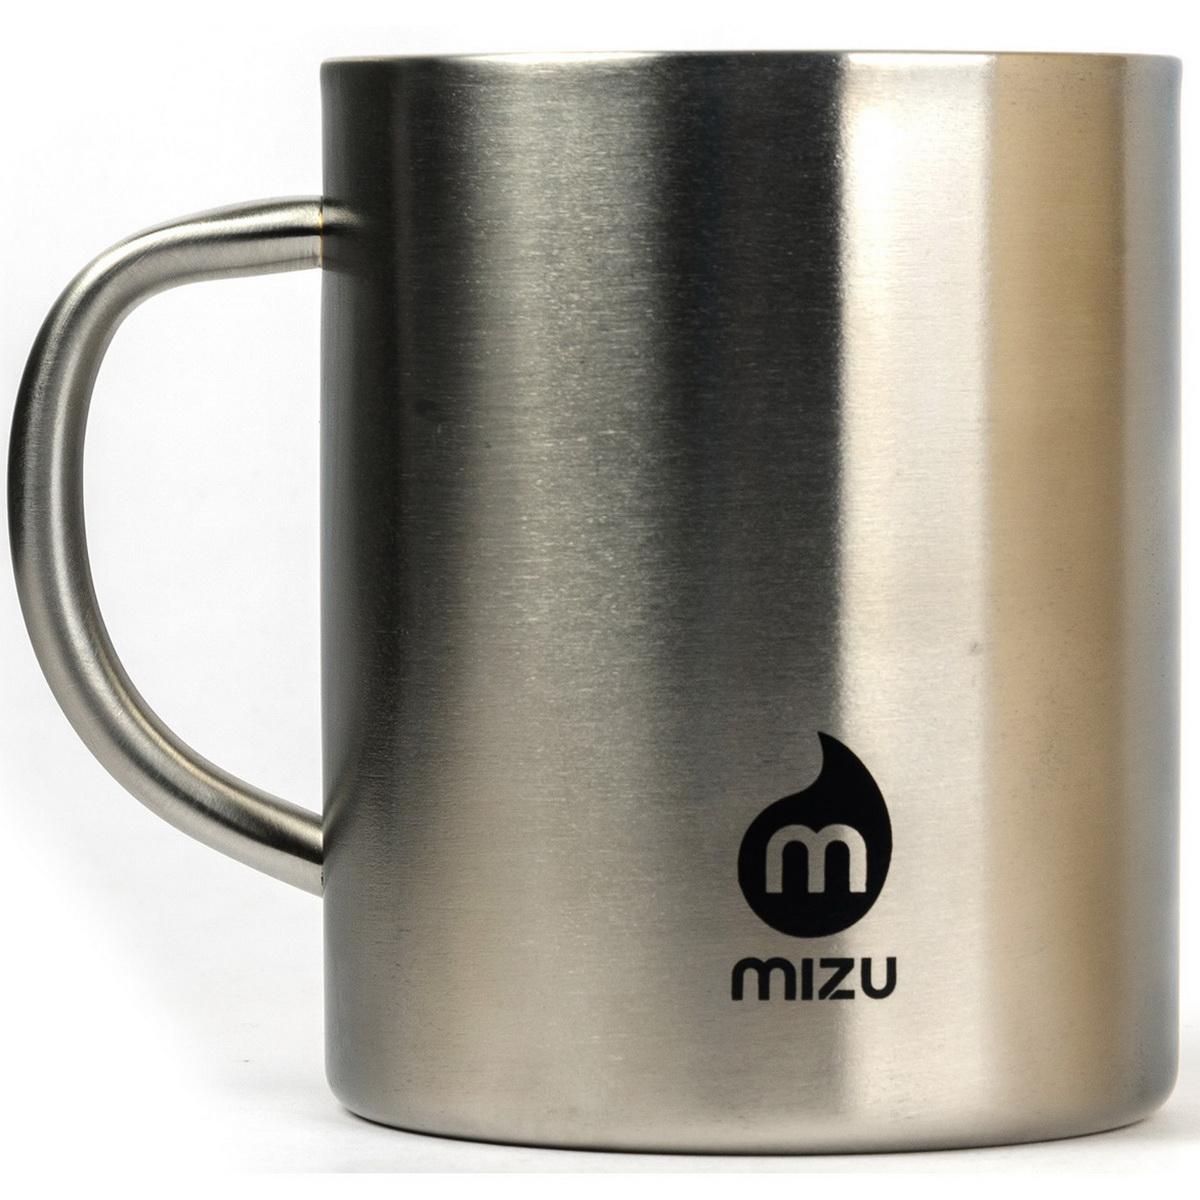 Термокружка Mizu, цвет: стальной, черный, 420 мл738014Кружка Mizu выполнена из пищевой нержавеющей стали. На корпусе - фирменный логотип MIZU. Она пригодится в путешествия, в походах и на рыбалке. Объем: 420 мл. Диаметр: 8,5 см.